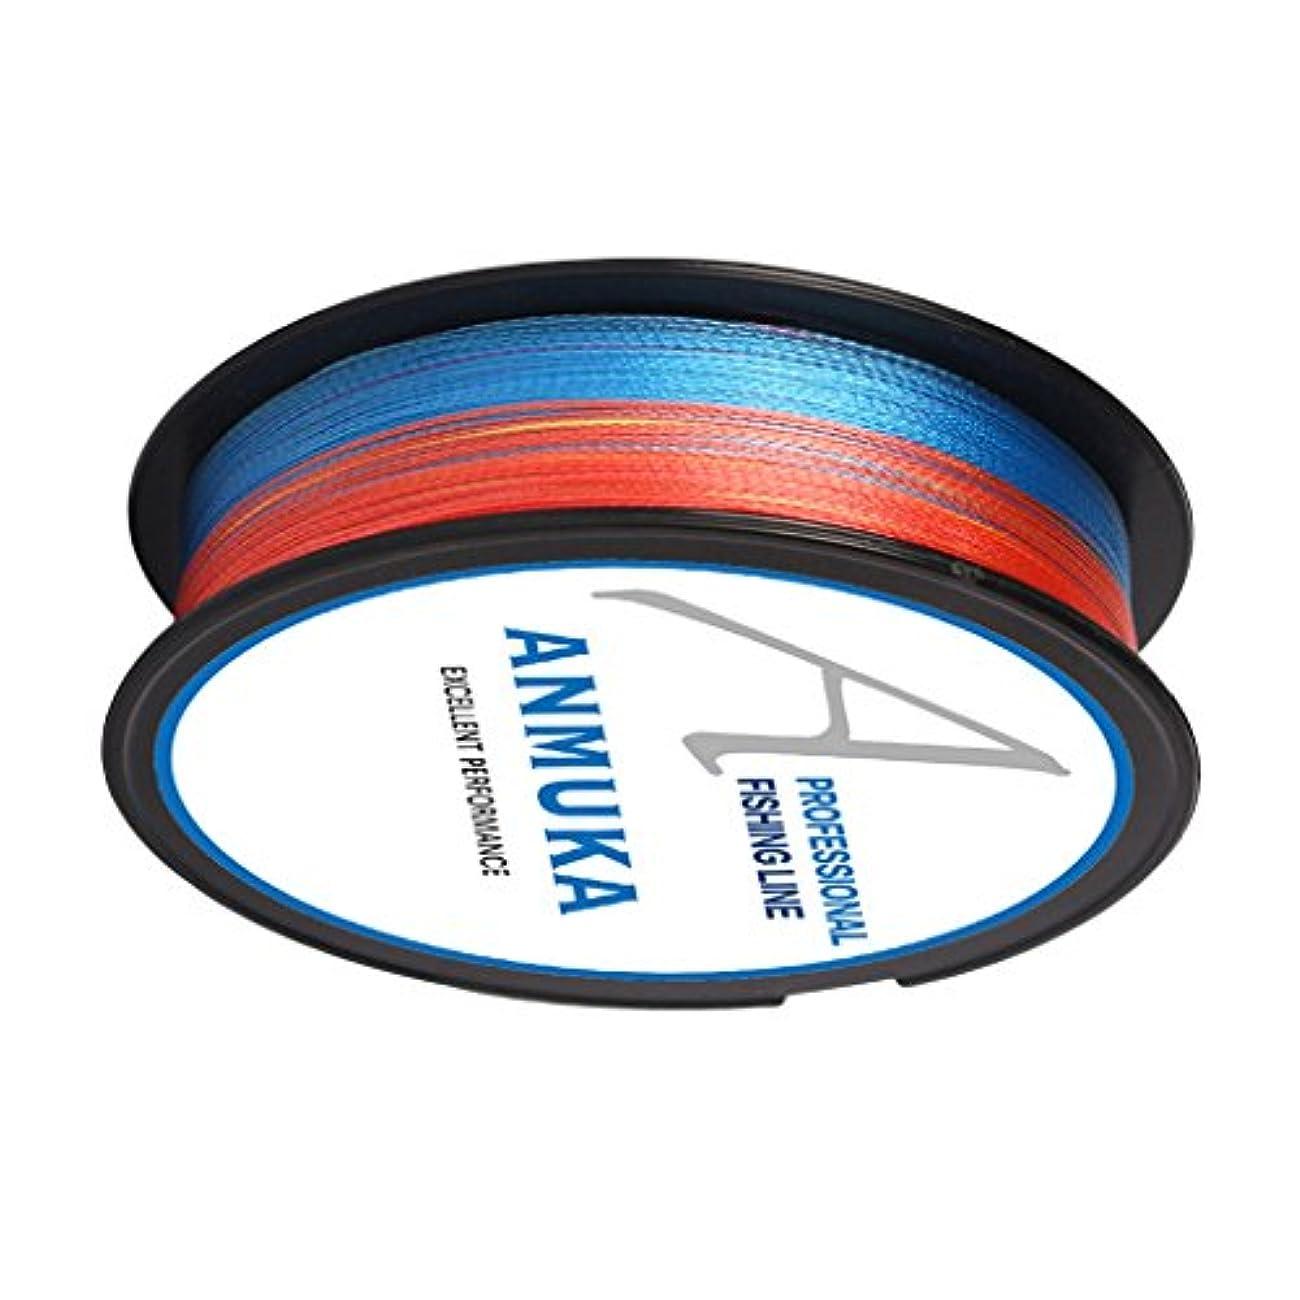 ホイッスルなぜ無数のT TOOYFUL 100m フィッシングライン 釣り糸 釣りライン 編み PEライン 防水 超強力 釣り用品 全6色